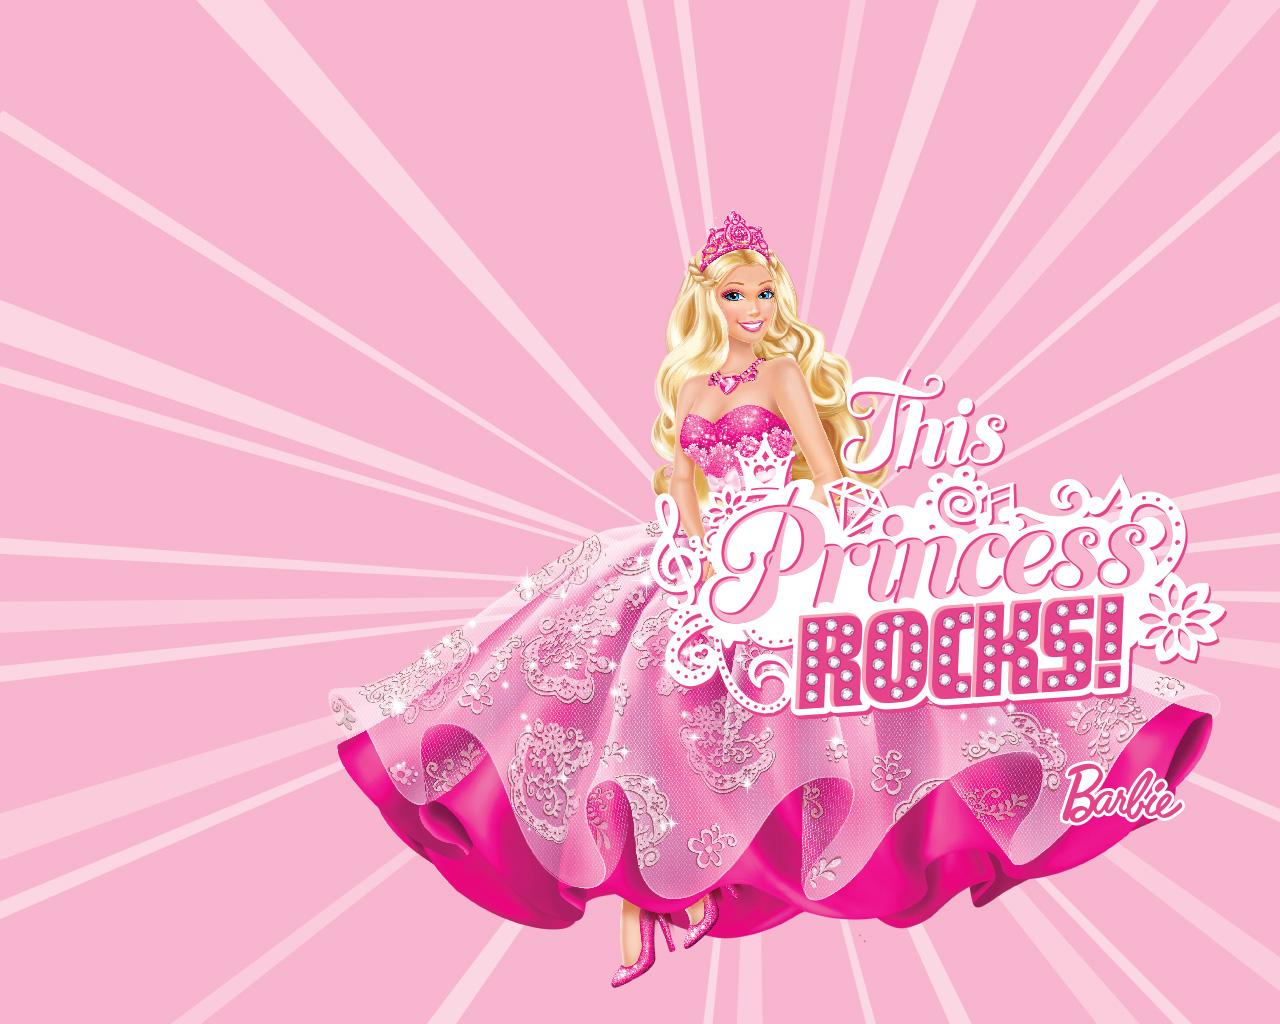 http://1.bp.blogspot.com/-ur42yXV3RaM/T_miB-qRxcI/AAAAAAAAF6c/vFjEmVtVCjo/s1600/PaP-wallpaper-like-thingies-barbie-movies-31370838-1280-1024.jpg